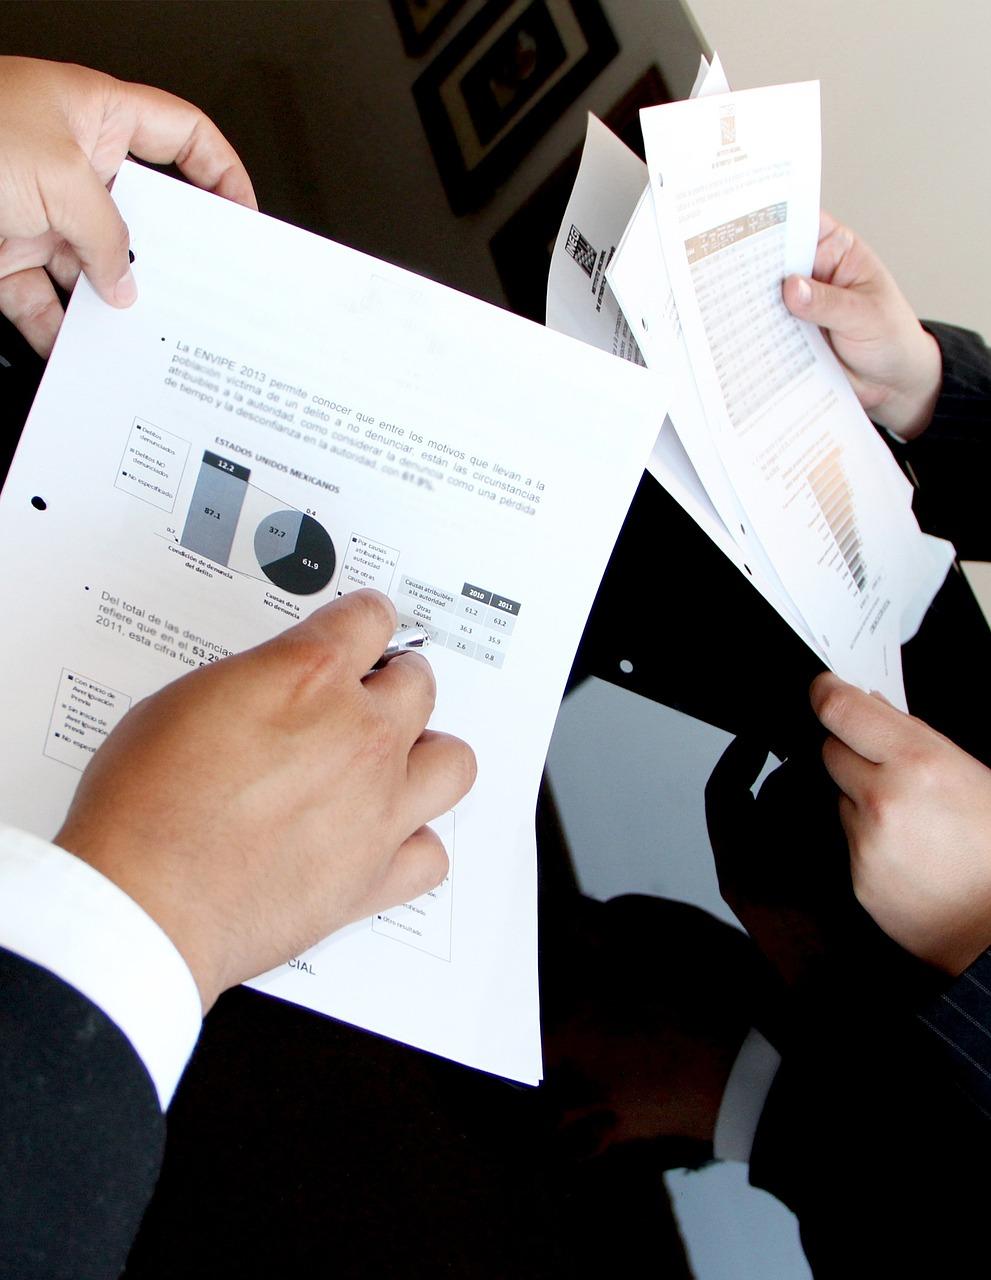 지표 협력업체 지표관리를 통한 인센티브 제도를 도입했다